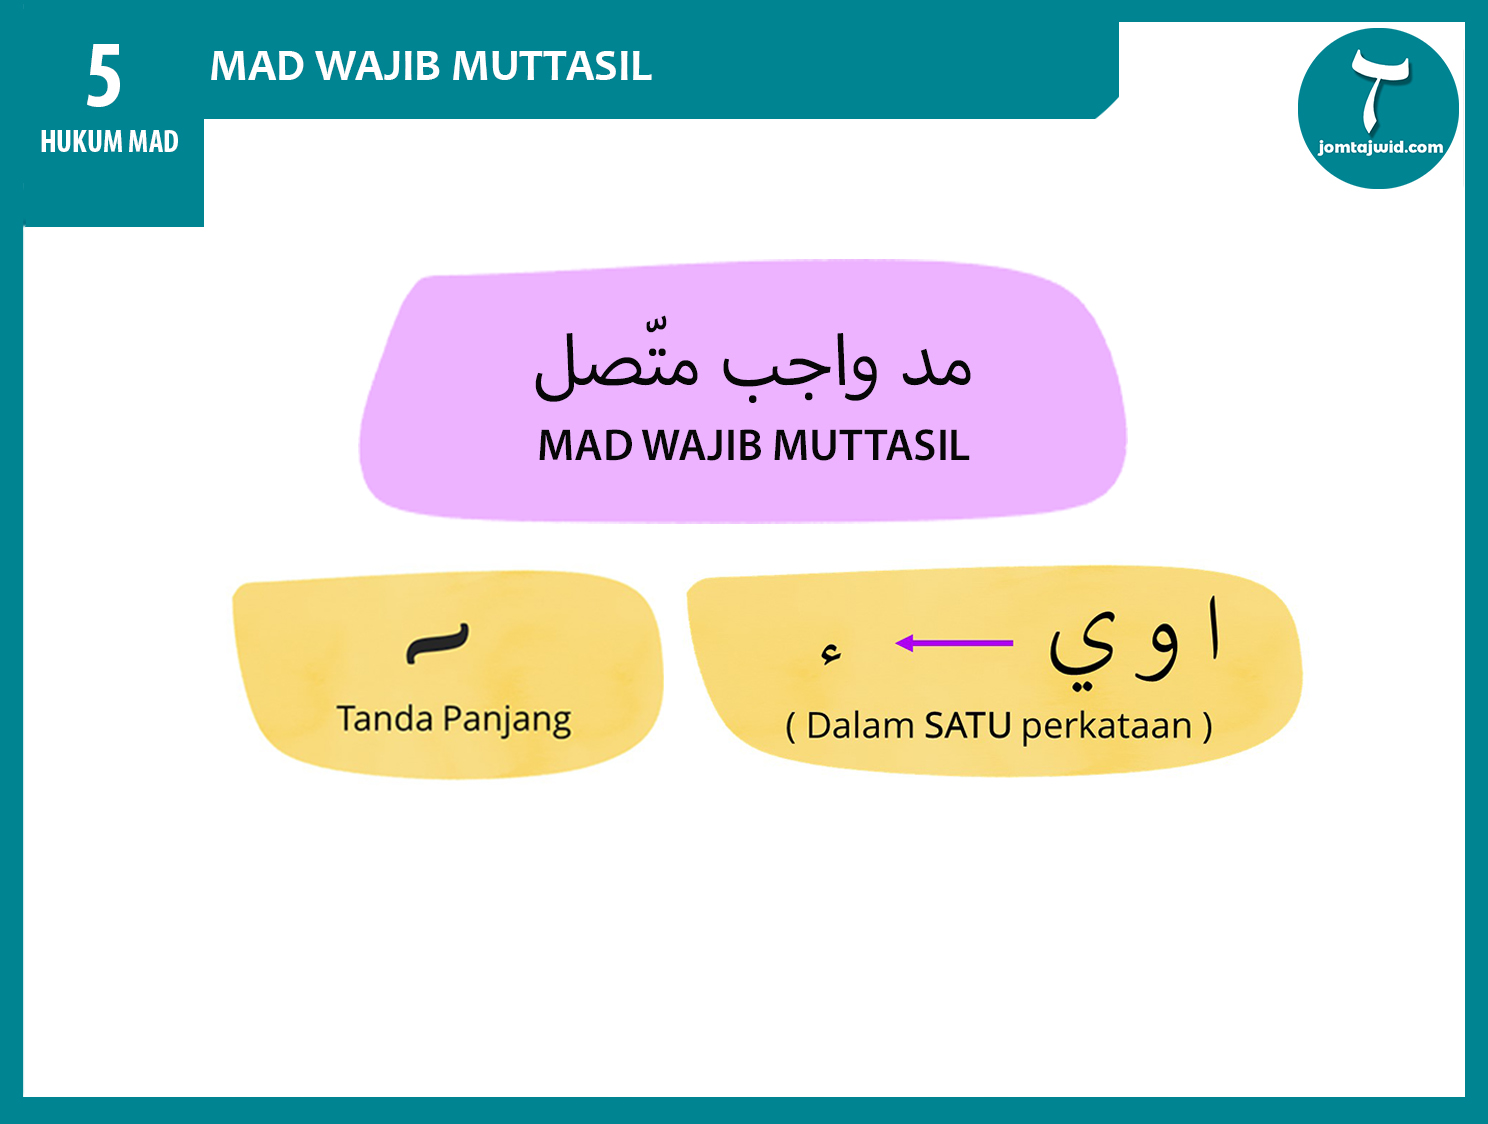 JomTajwid - Hukum mad wajib muttasil 3 (Feature) new3